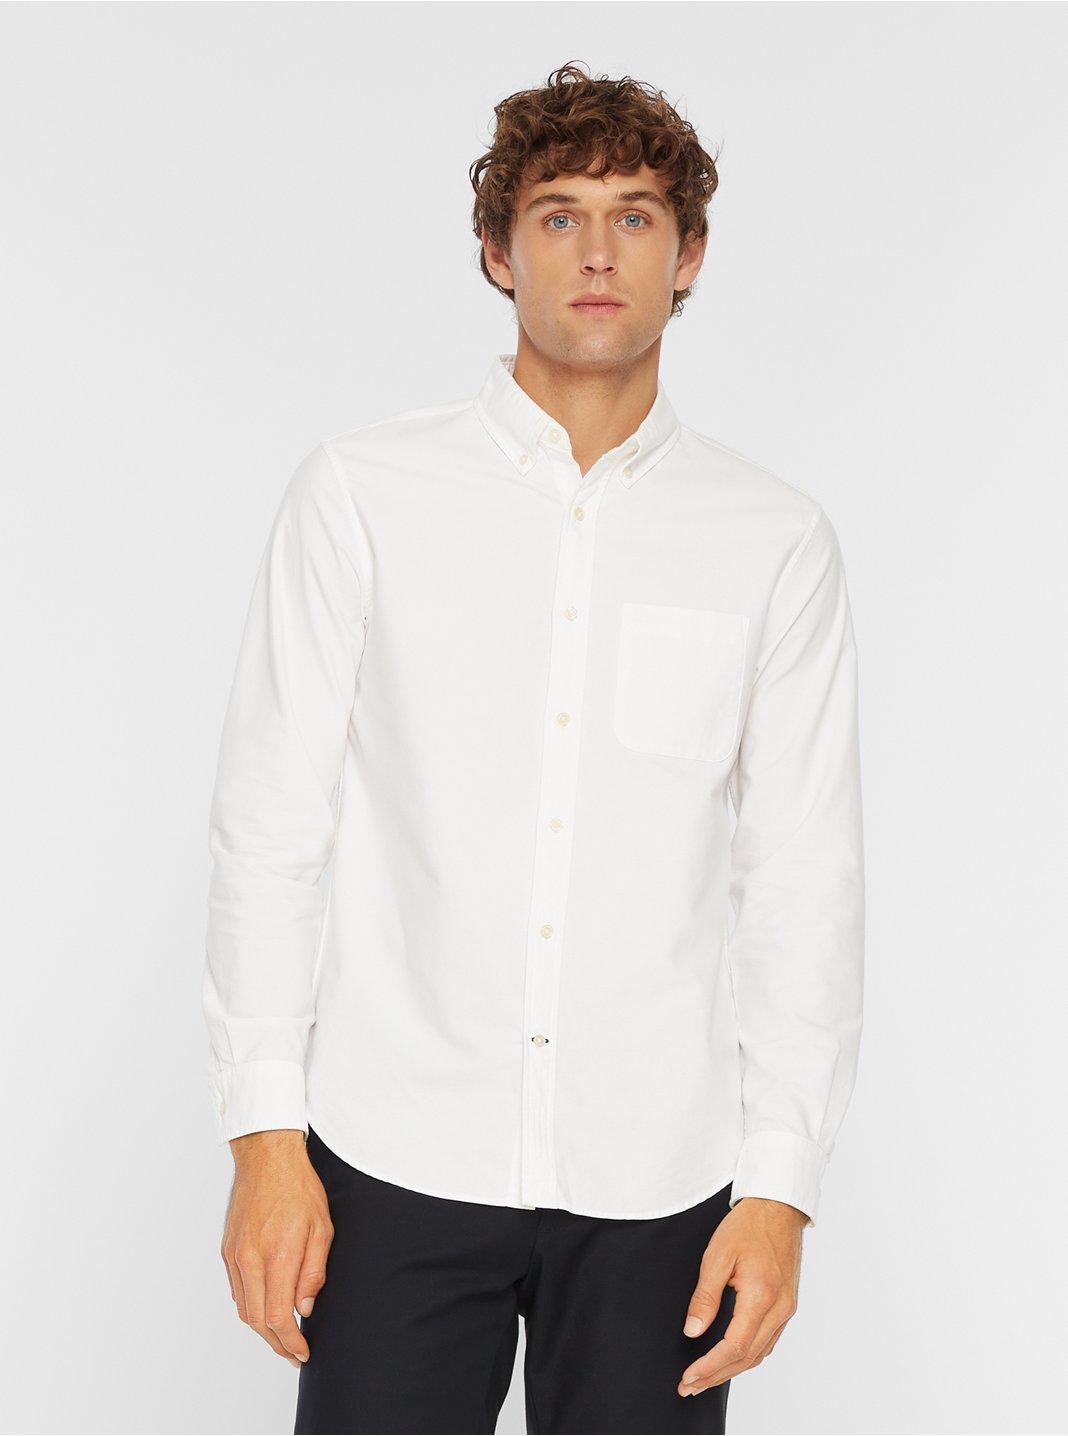 클럽 모나코 맨 옥스포드 솔리드 셔츠 Club Monaco Oxford Solid Shirt,White